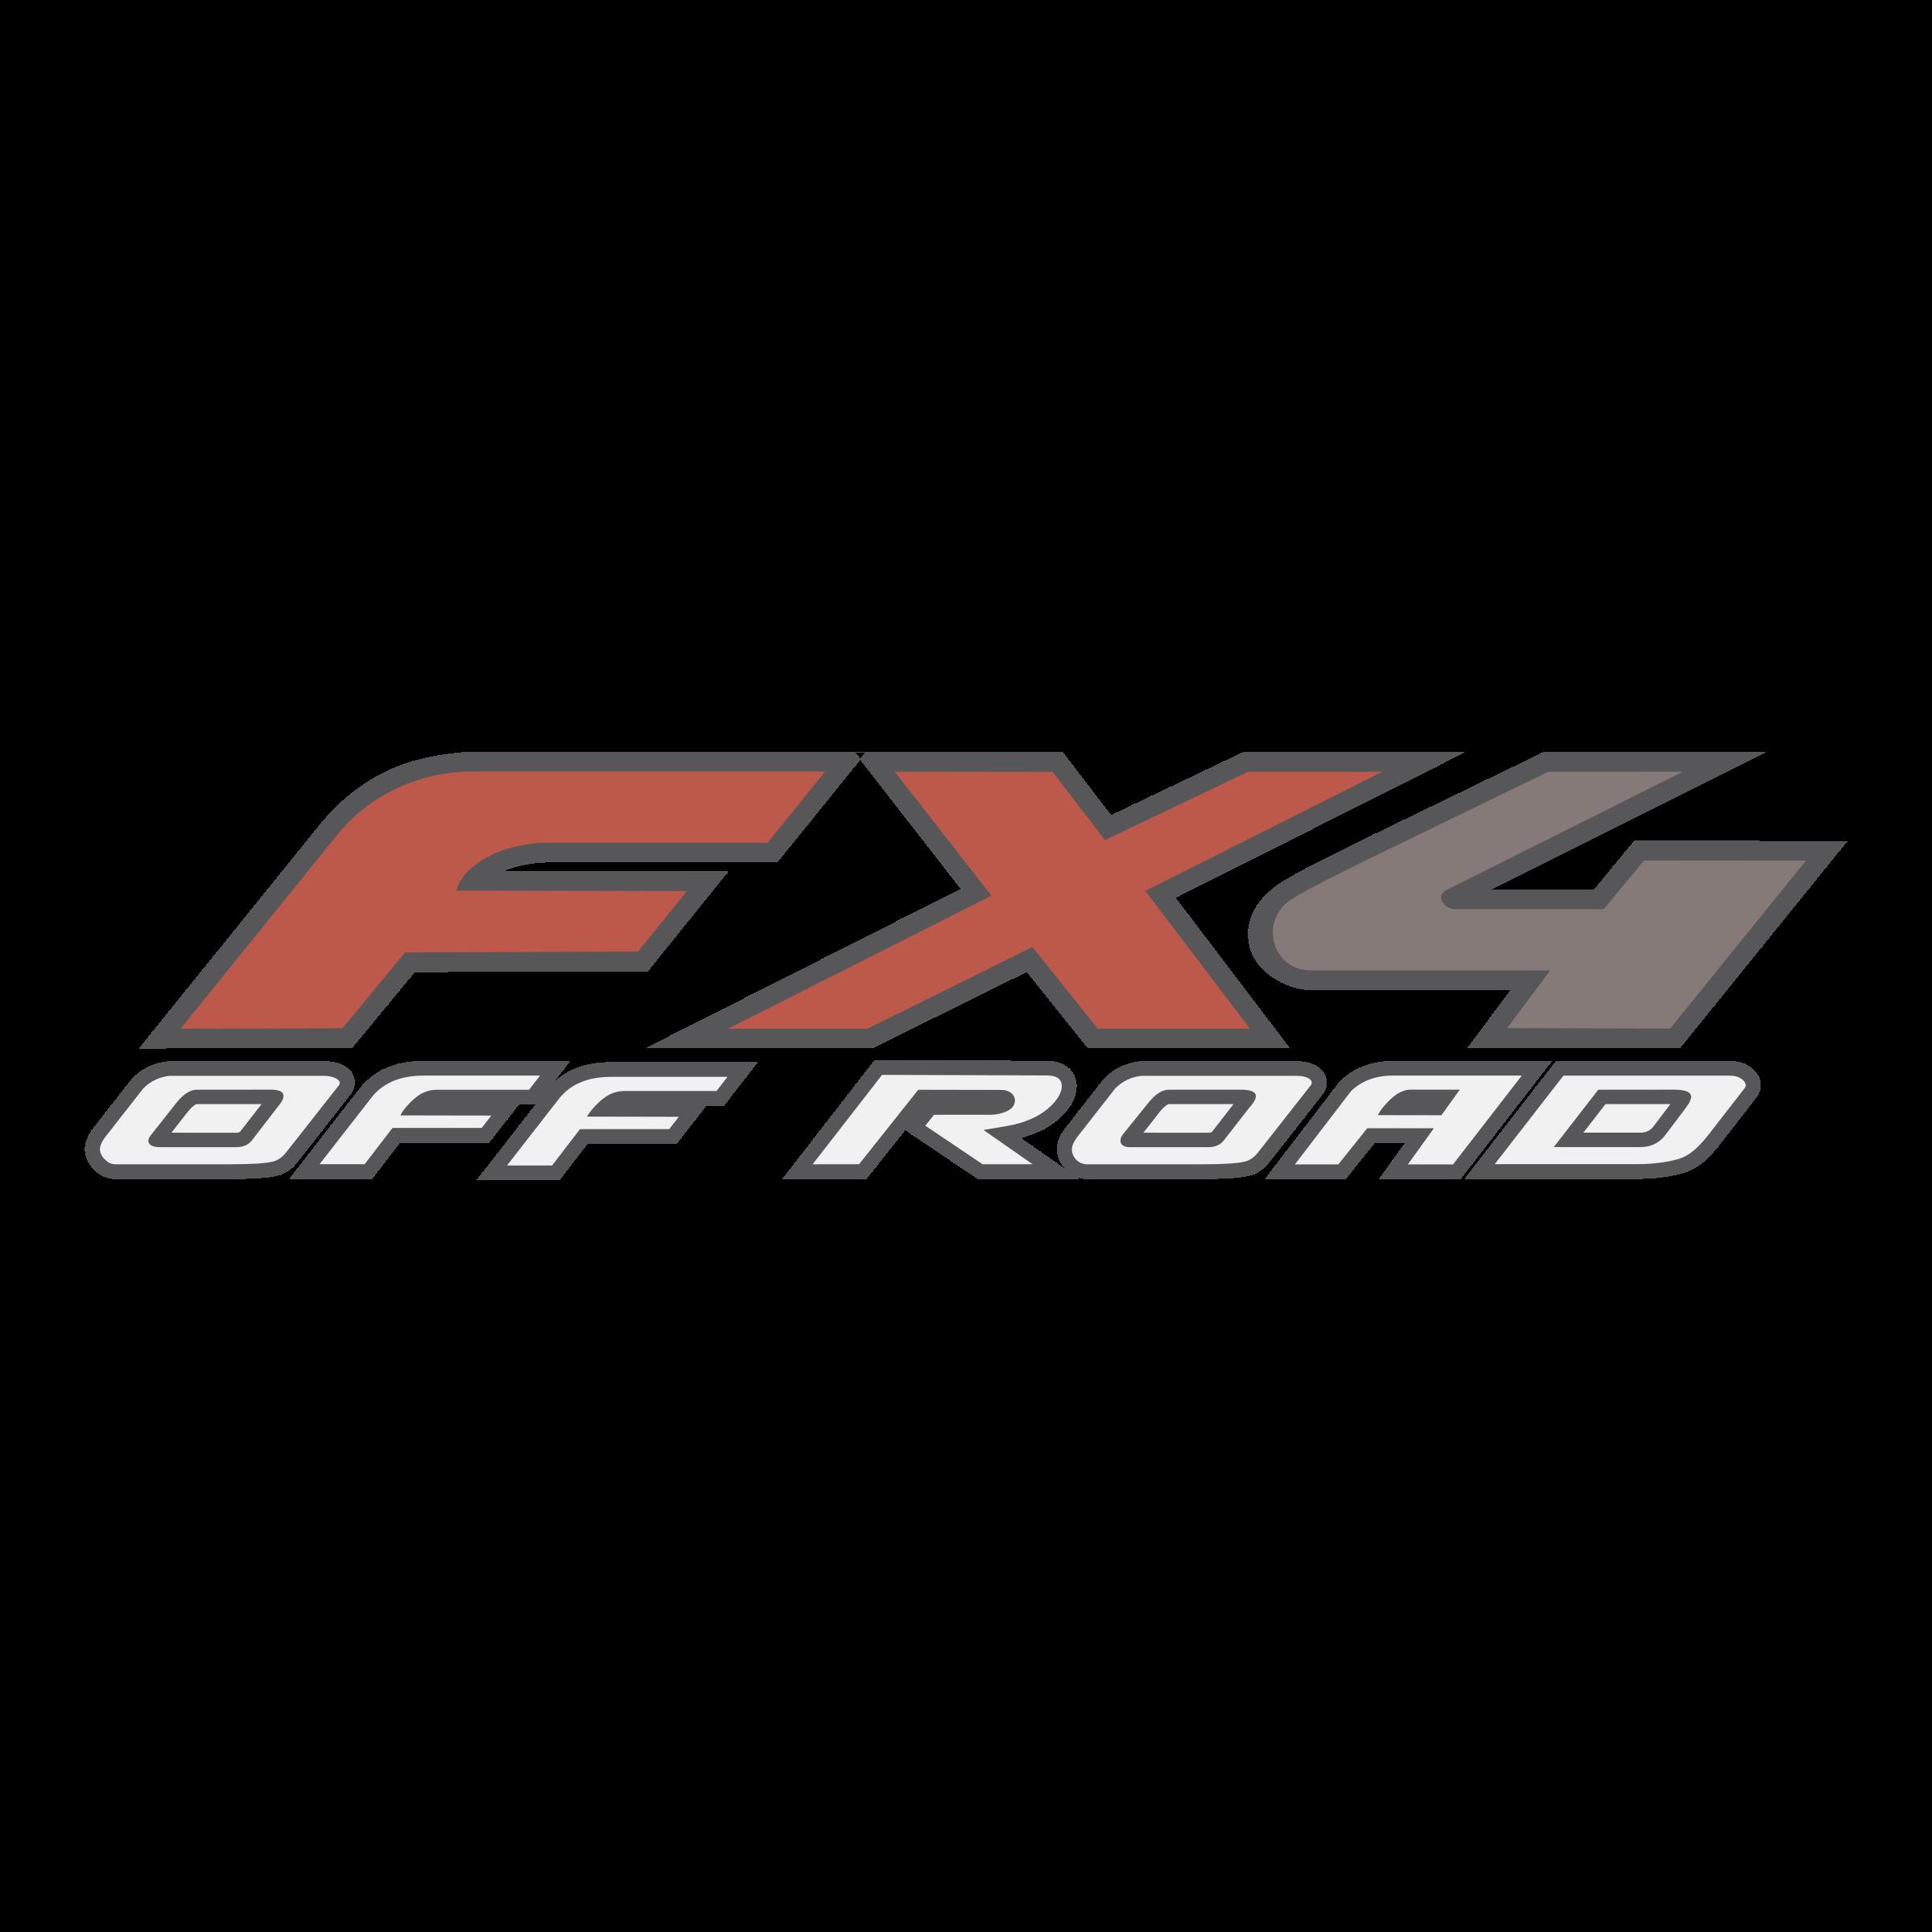 fx4 off road logo png transparent svg vector freebie supply rh freebiesupply com off road logo design 4x4 off road logos